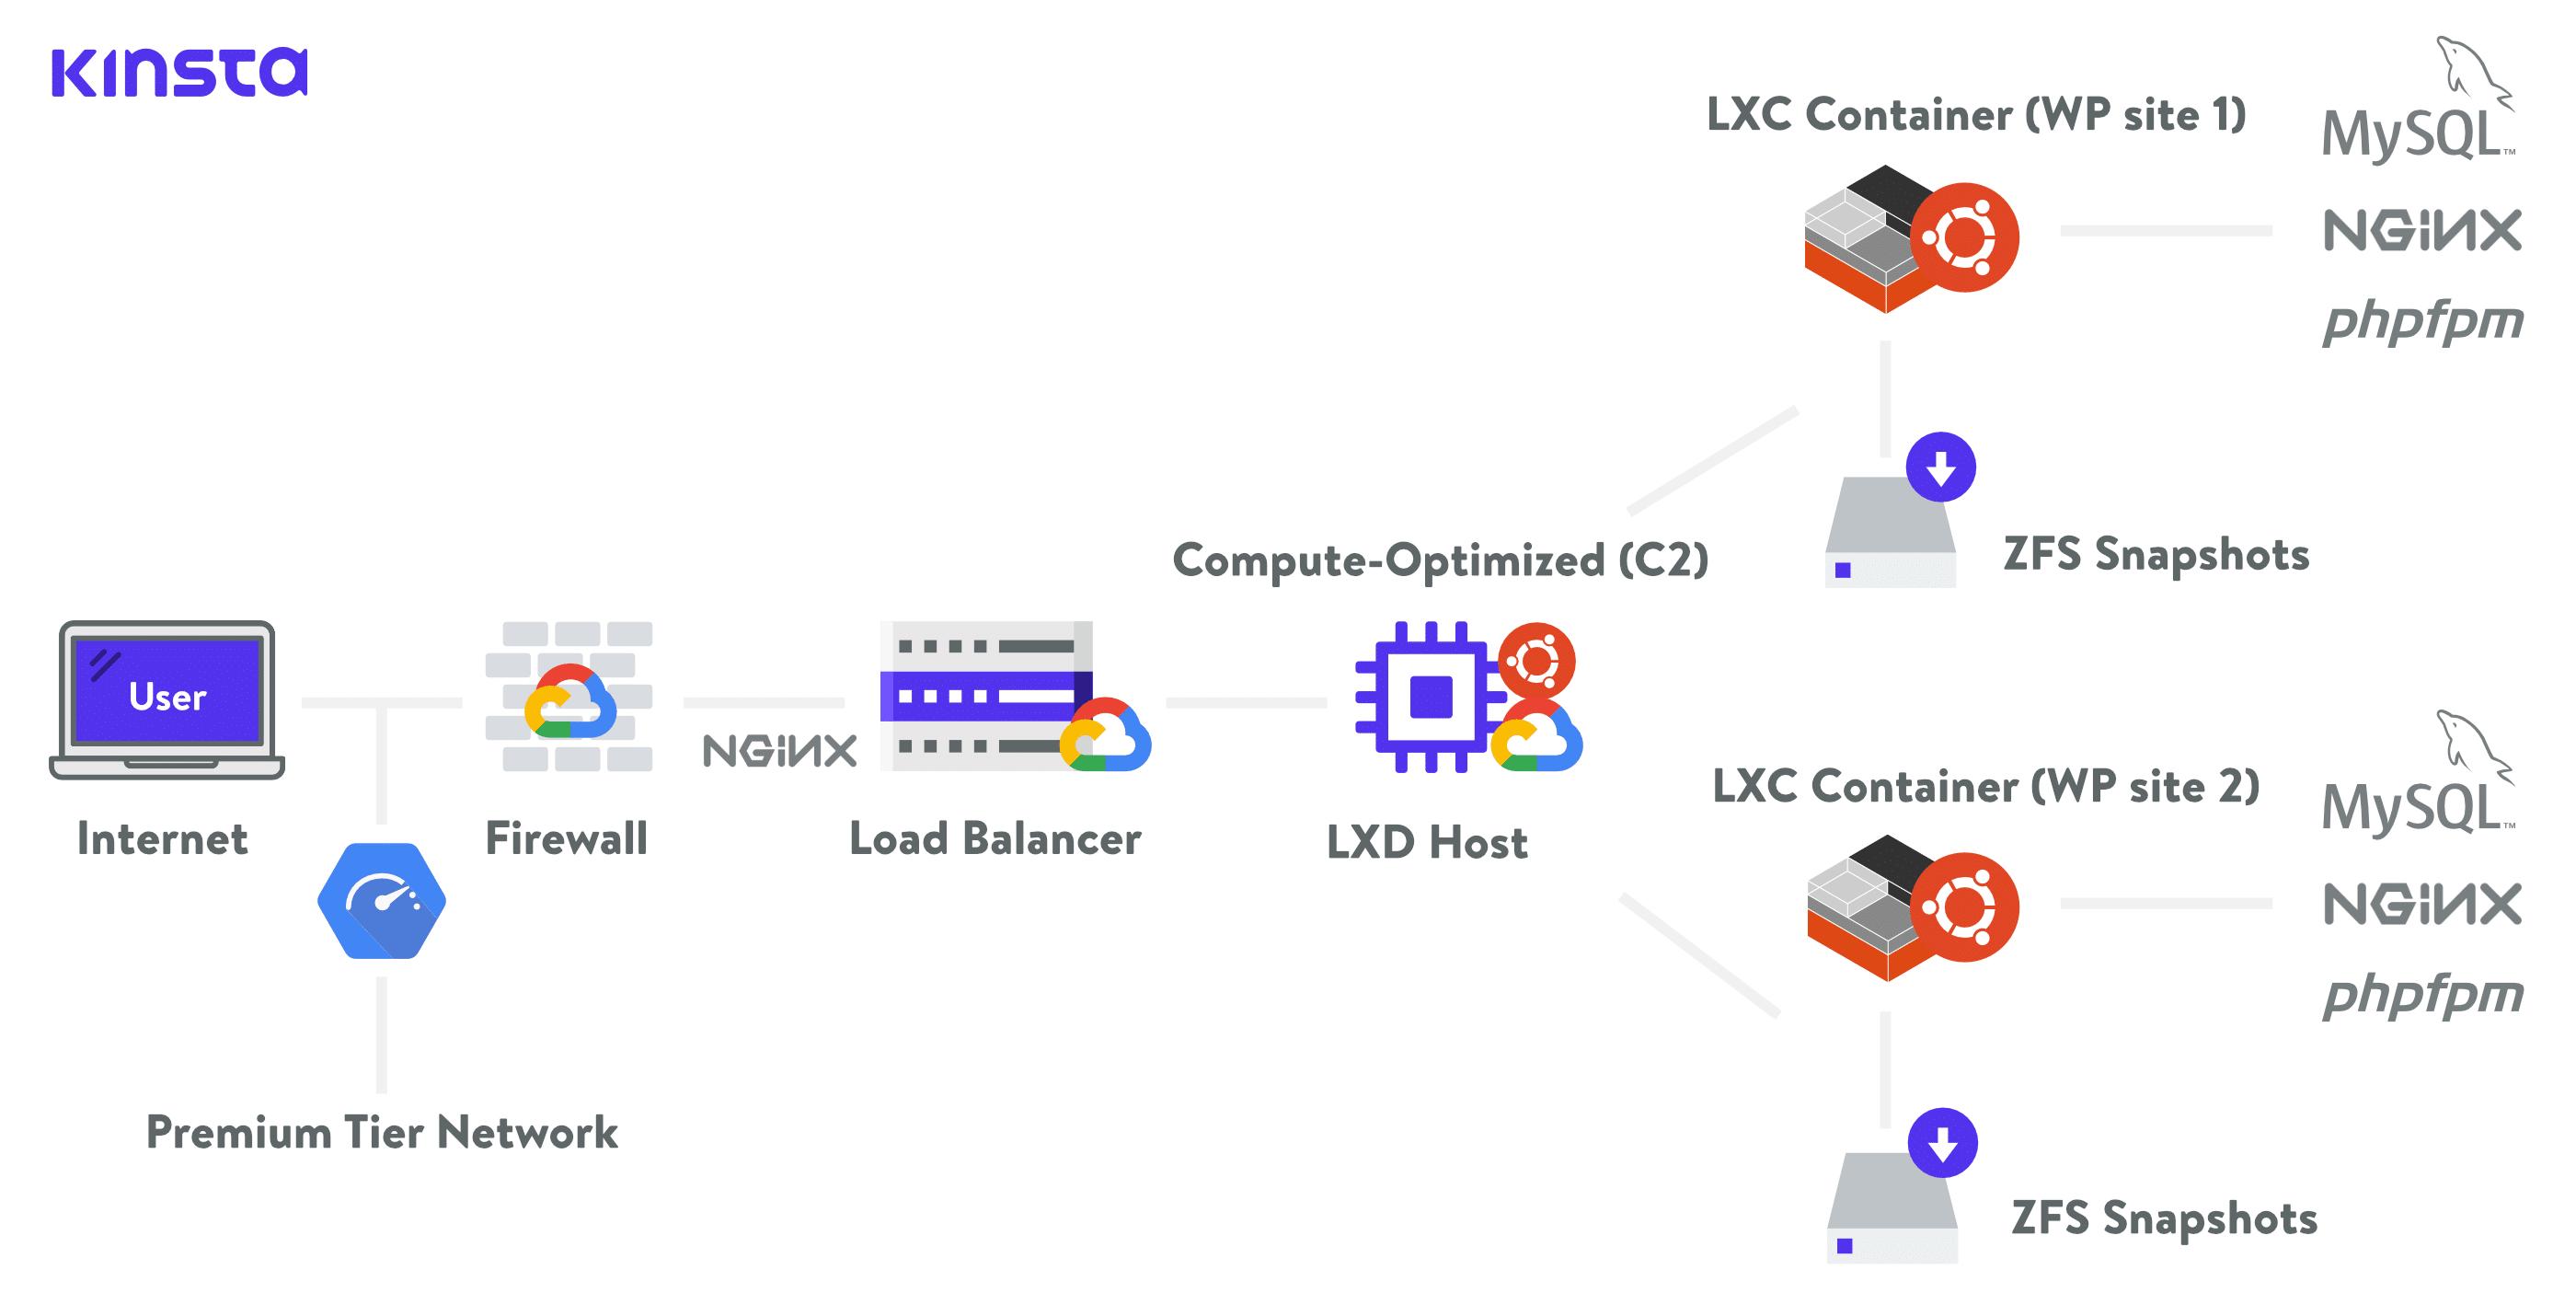 Infra-estrutura de hospedagem Kinsta com GCP C2 VM